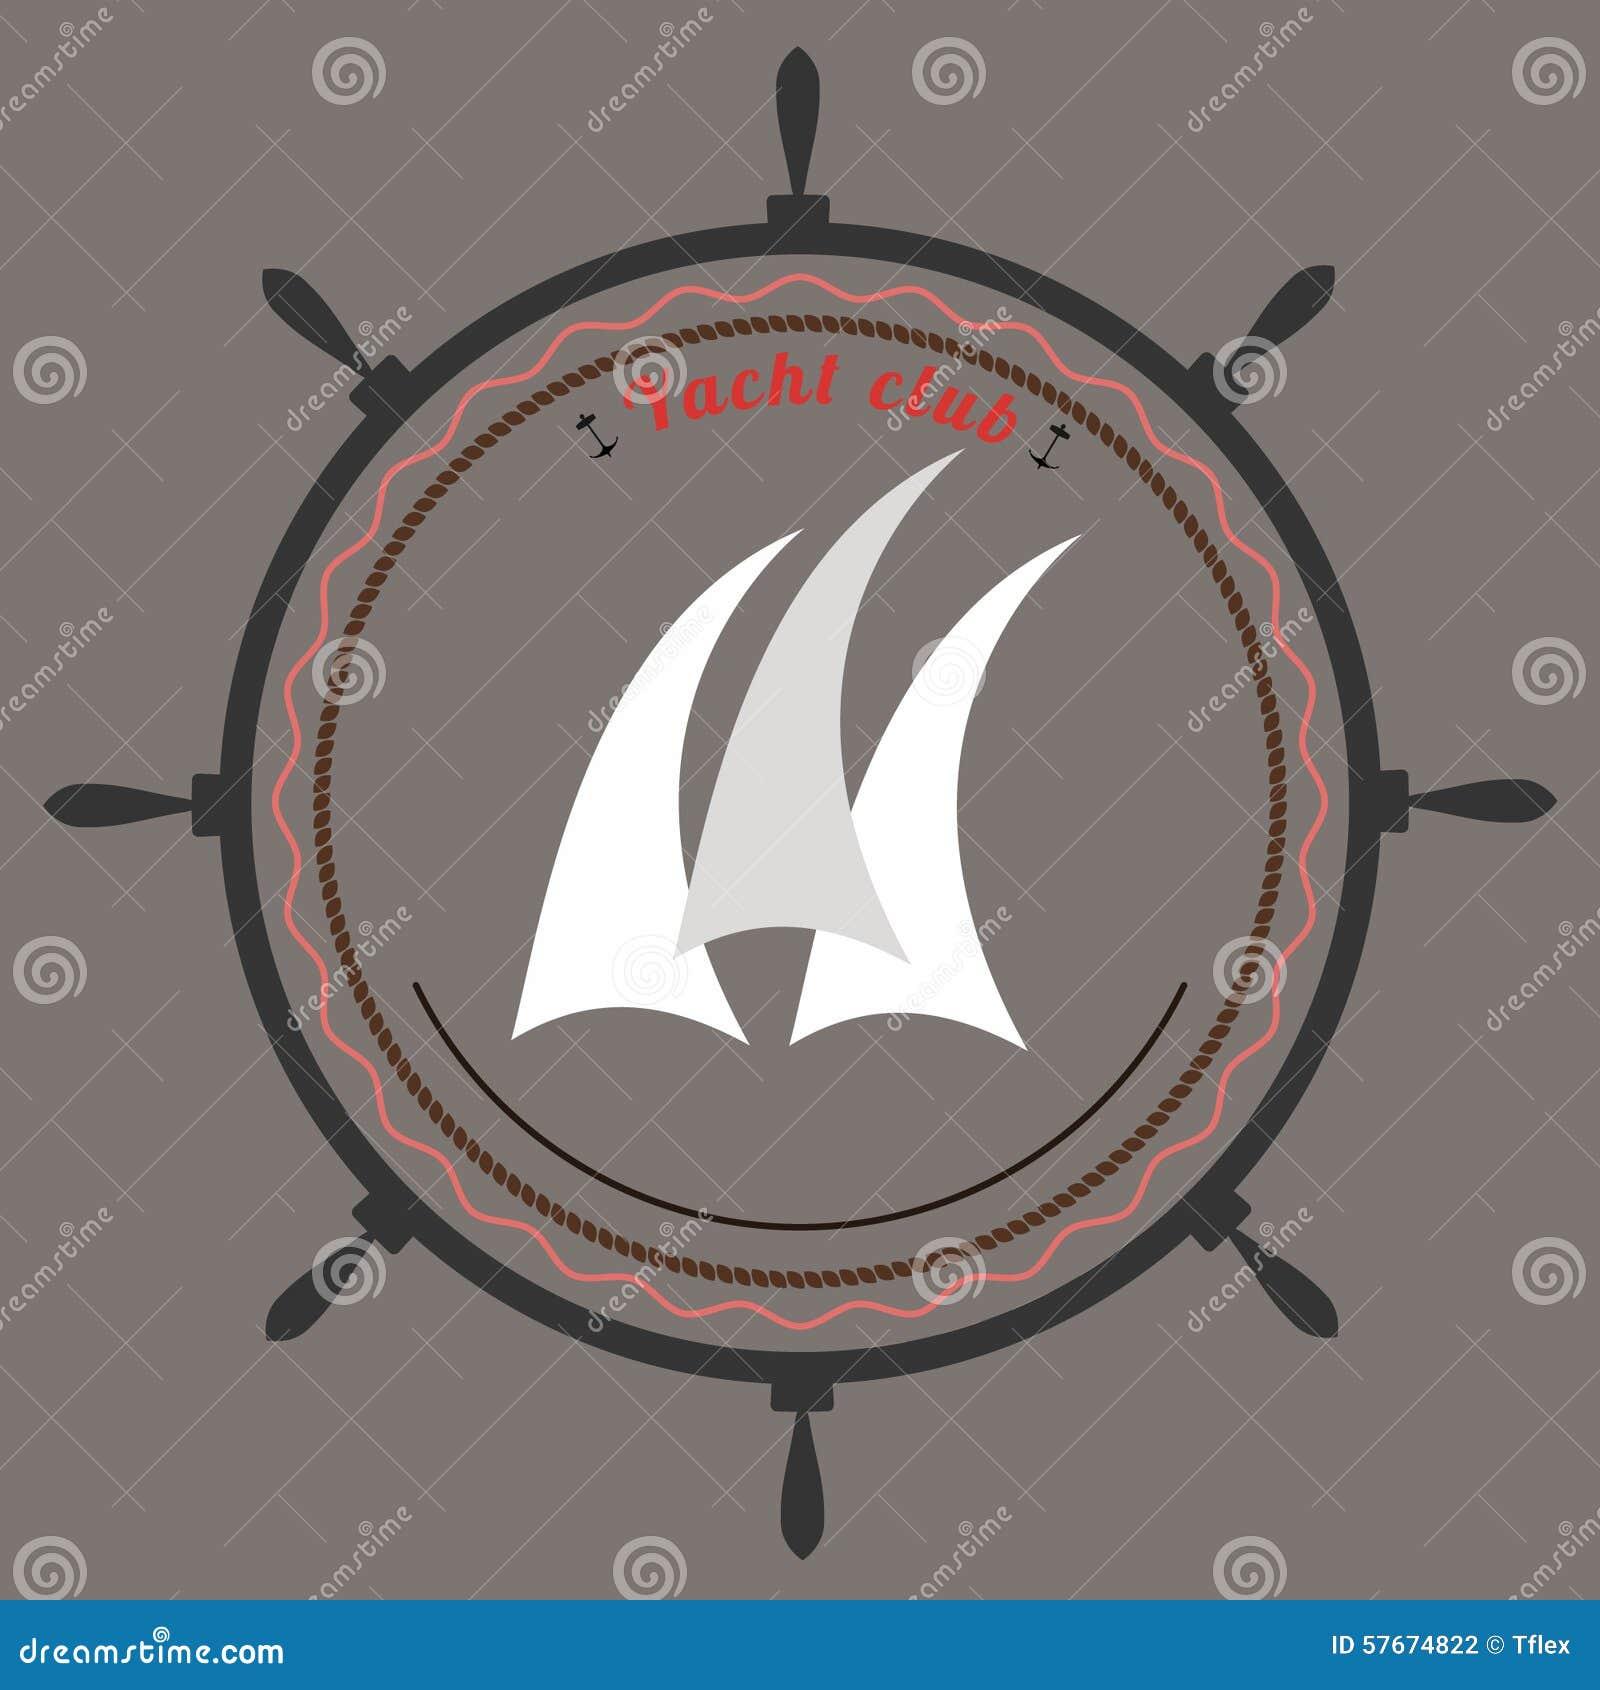 Wektorowy jachtu klubu logo